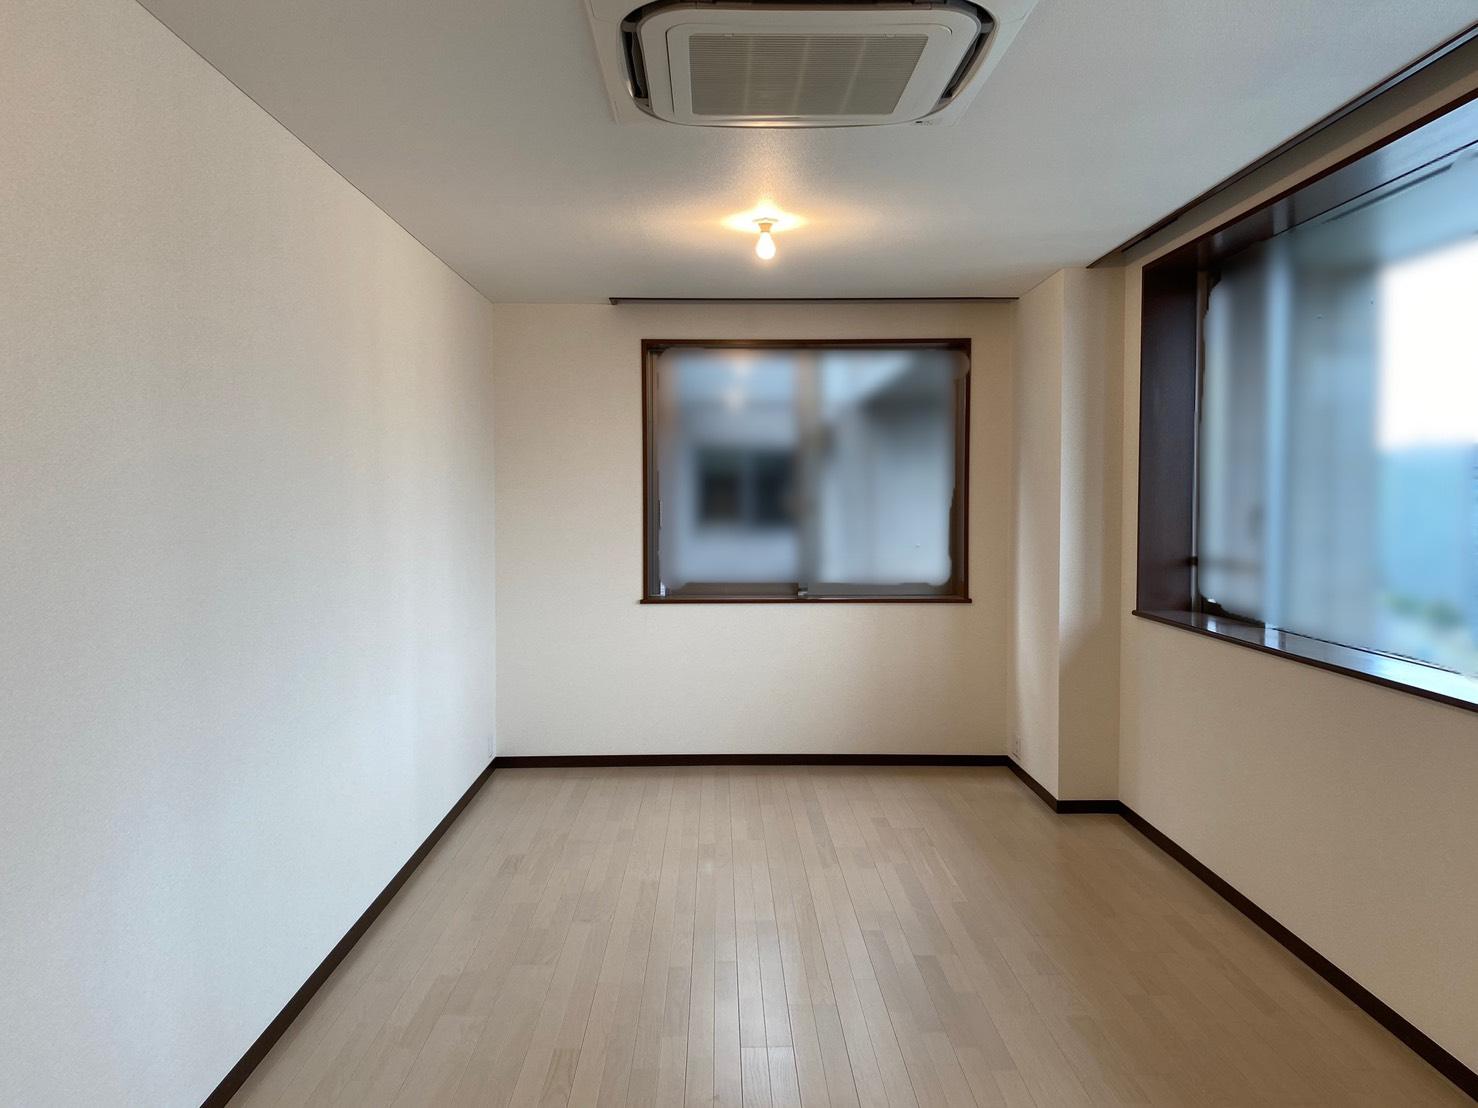 Studio del Sol寝室コーディネート事例Before